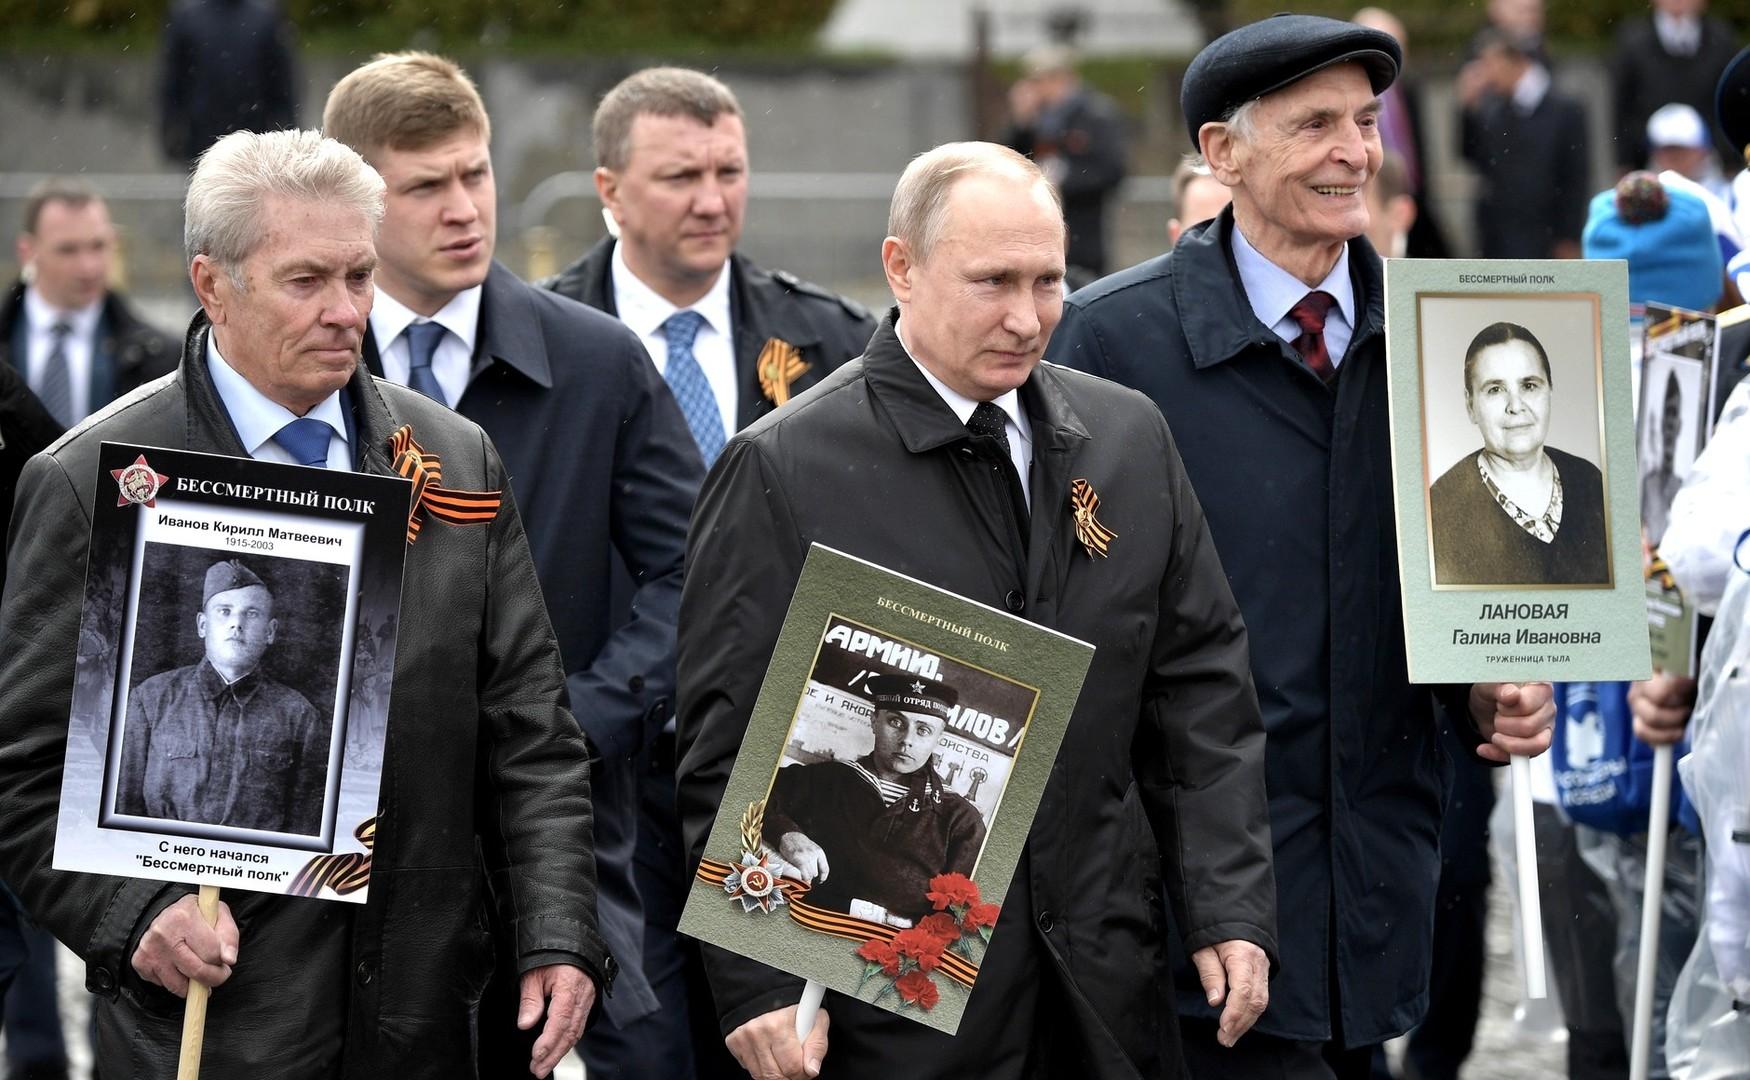 Василиј Лановој и Владимир Путин.